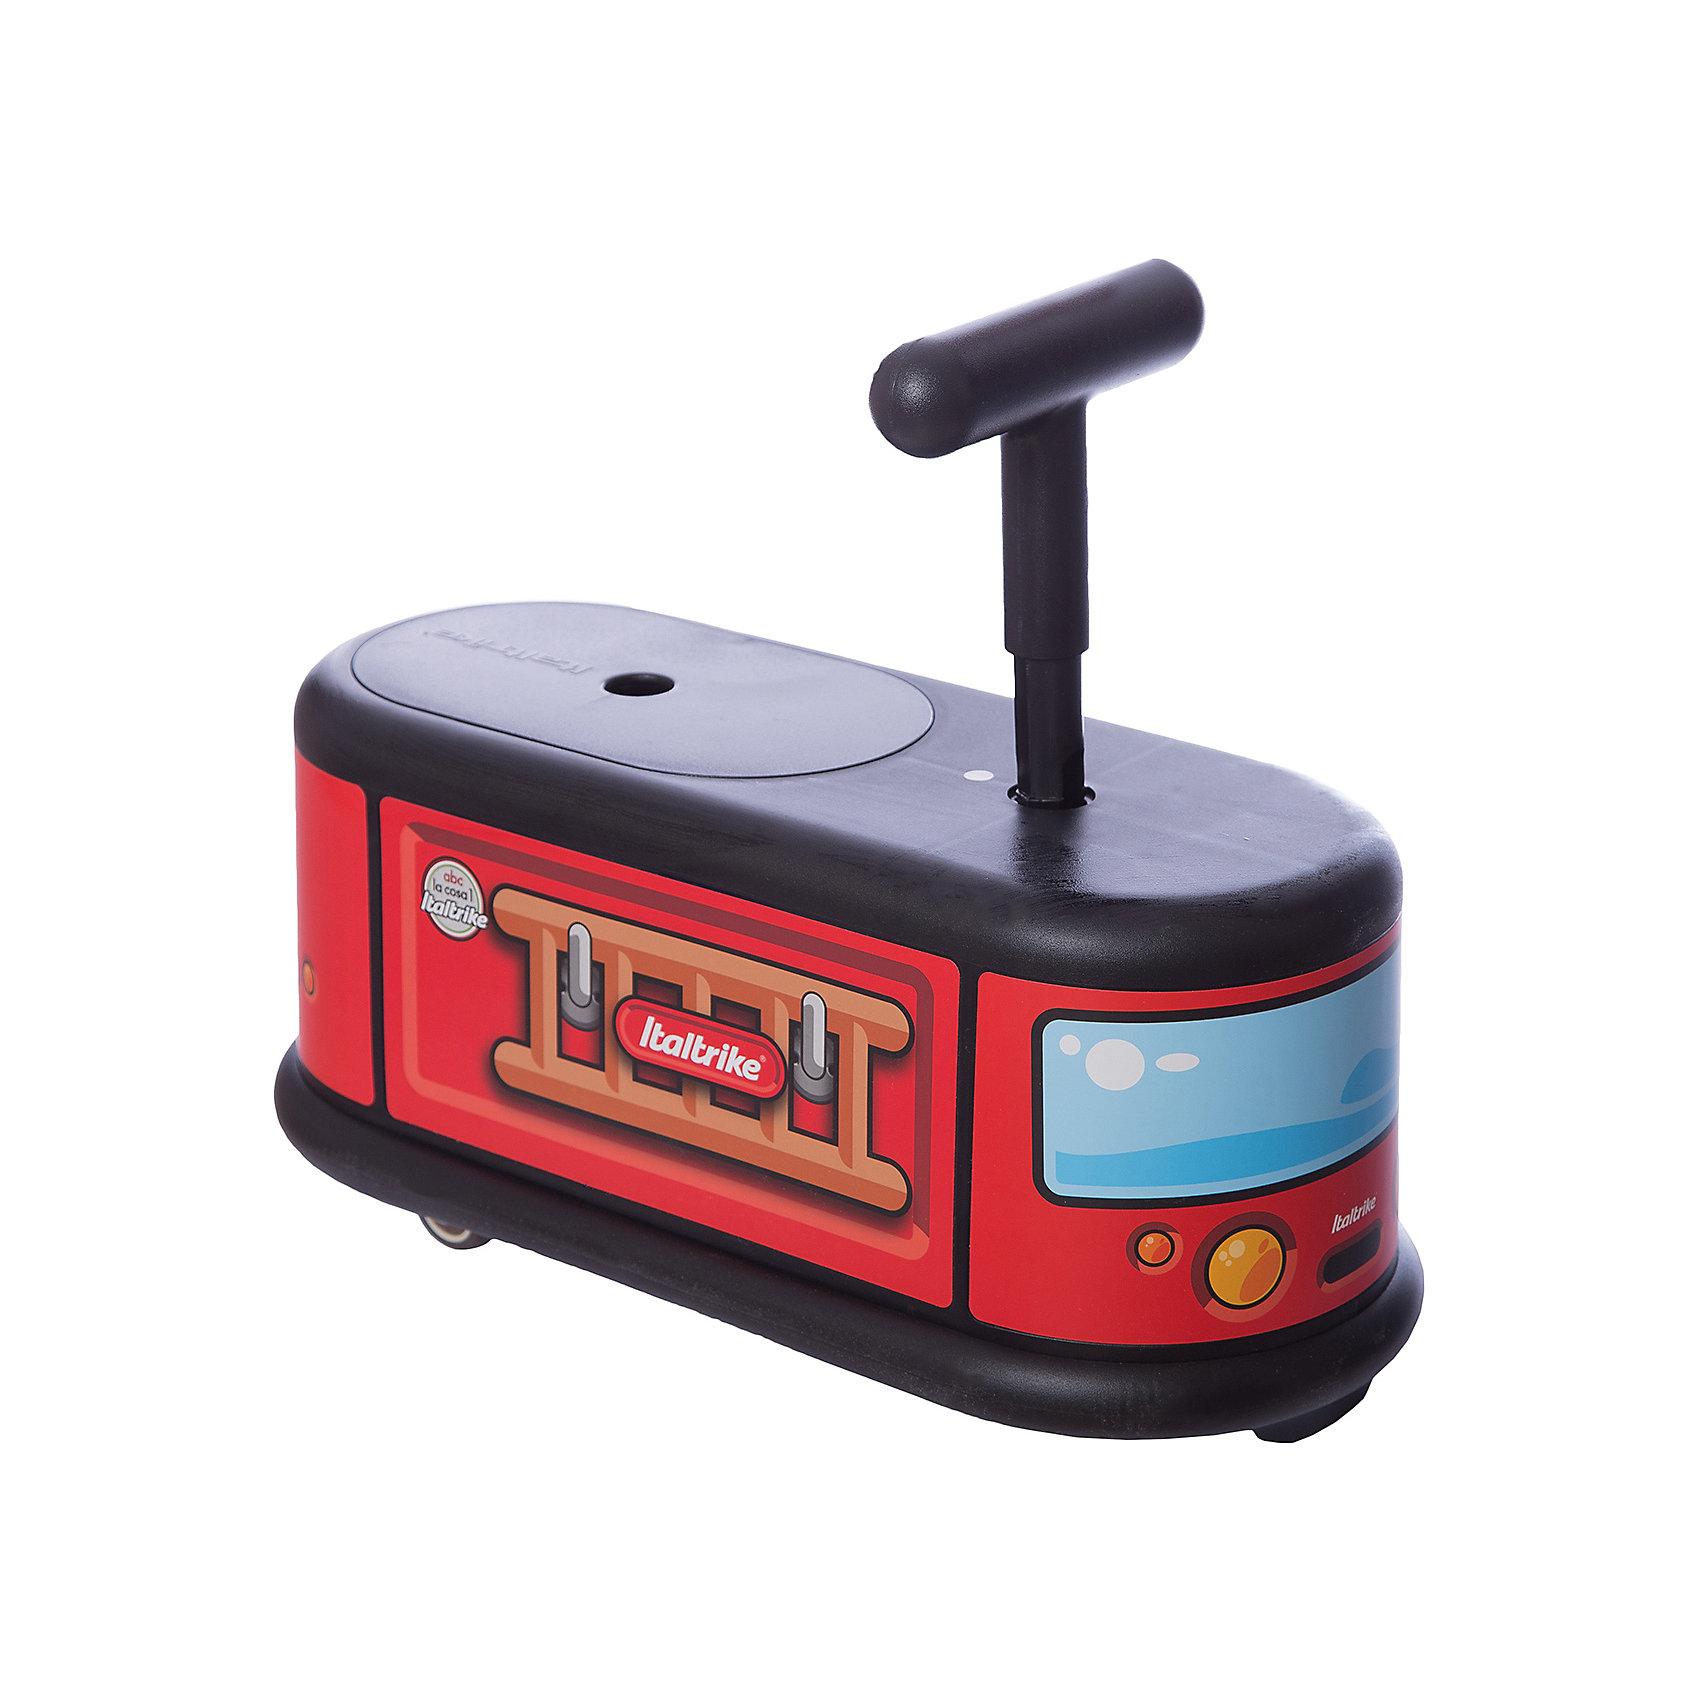 Каталка Пожарная машина, ItaltrikeМашинки-каталки<br>Каталка Пожарная машина, Italtrike (Италтрайк) - это стильная, удобная и продуманная каталка с оригинальным дизайном.<br>Яркая каталка Пожарная машина от Italtrike (Италтрайк) - великолепный транспорт для малышей, который доставит им множество веселых минут. Каталка выполнена в виде красочной пожарной машины. Удобное сидение позволит малышу комфортно сидеть при движении, а ручка - контролировать свои перемещения. Маленькие, но очень надежные колеса обеспечивают легкое управление. Передние колеса каталки вращаются на 360 градусов, что делает её очень маневренной и удобной для перемещения. Задние колеса стационарные. Колеса каталки прорезинены, это позволяет ей ездить очень тихо и не портить поверхность пола. Каталка не перевернётся, за счёт нижних бортиков она очень устойчива, а сидение и руль имеют шероховатую поверхность и не скользят. Под сидением есть пространство для игрушек. На каталке можно перемещаться, отталкиваясь ножками или же ездить, закинув их наверх. Каталка изготовлена из высокопрочного пластика.<br><br>Дополнительная информация:<br><br>- Выдерживает нагрузку до 50 кг<br>- Высота сиденья: 21 см.<br>- Длина всей каталки: 48 см.<br>- Материал: пластик<br>- Упаковка: подарочная коробка<br>- Размер упаковки: 49 x 22 х 21 см.<br>- Вес: 2,5 кг.<br><br>Каталку Пожарная машина, Italtrike (Италтрайк) можно купить в нашем интернет-магазине.<br><br>Ширина мм: 490<br>Глубина мм: 220<br>Высота мм: 210<br>Вес г: 2500<br>Возраст от месяцев: 12<br>Возраст до месяцев: 72<br>Пол: Унисекс<br>Возраст: Детский<br>SKU: 4403117